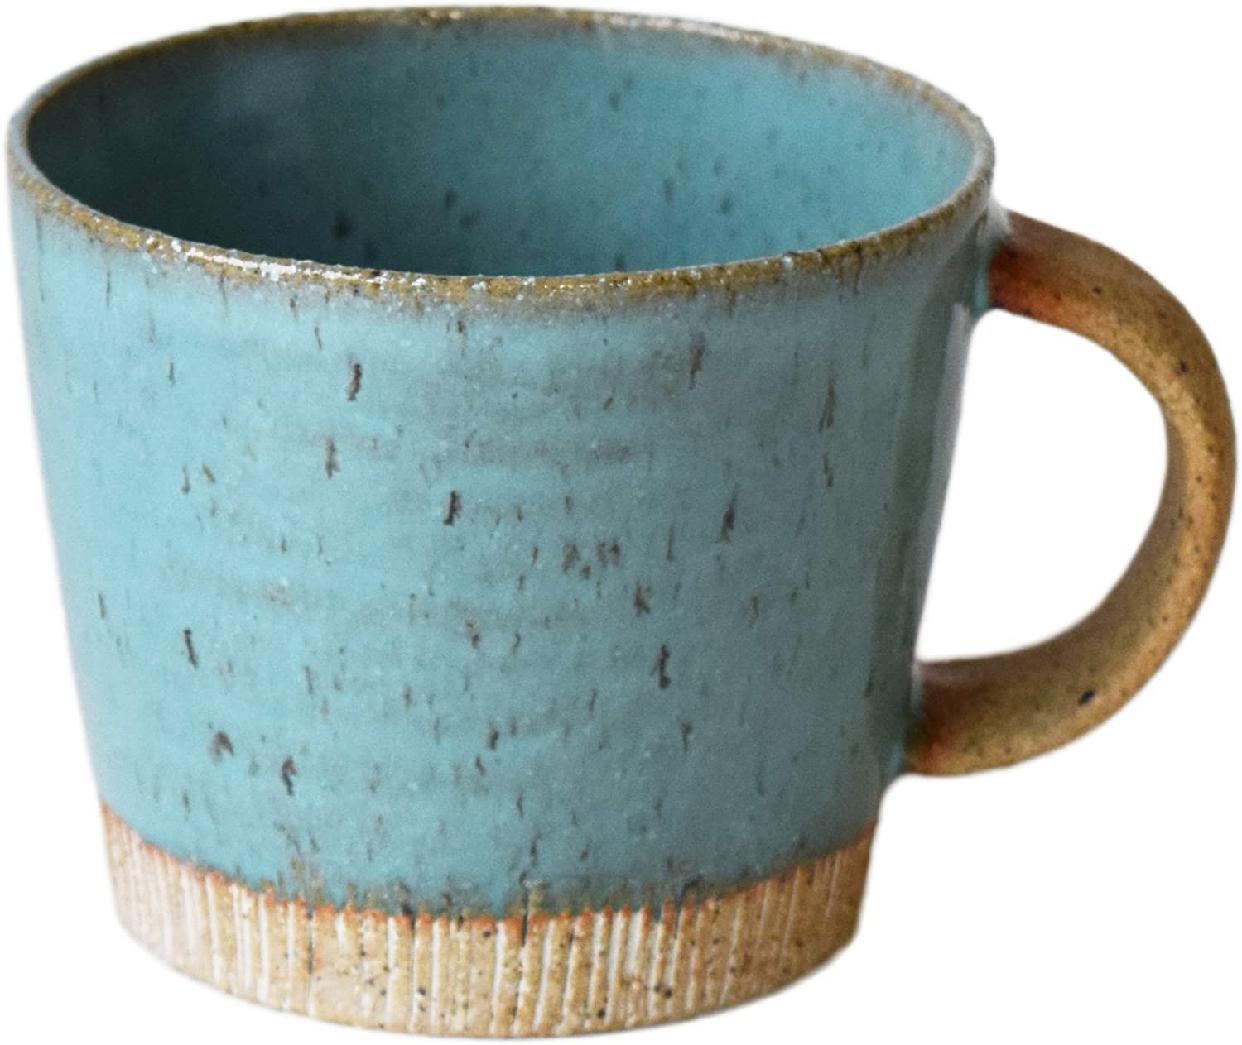 光陽陶器 デカマグ削り 20201の商品画像